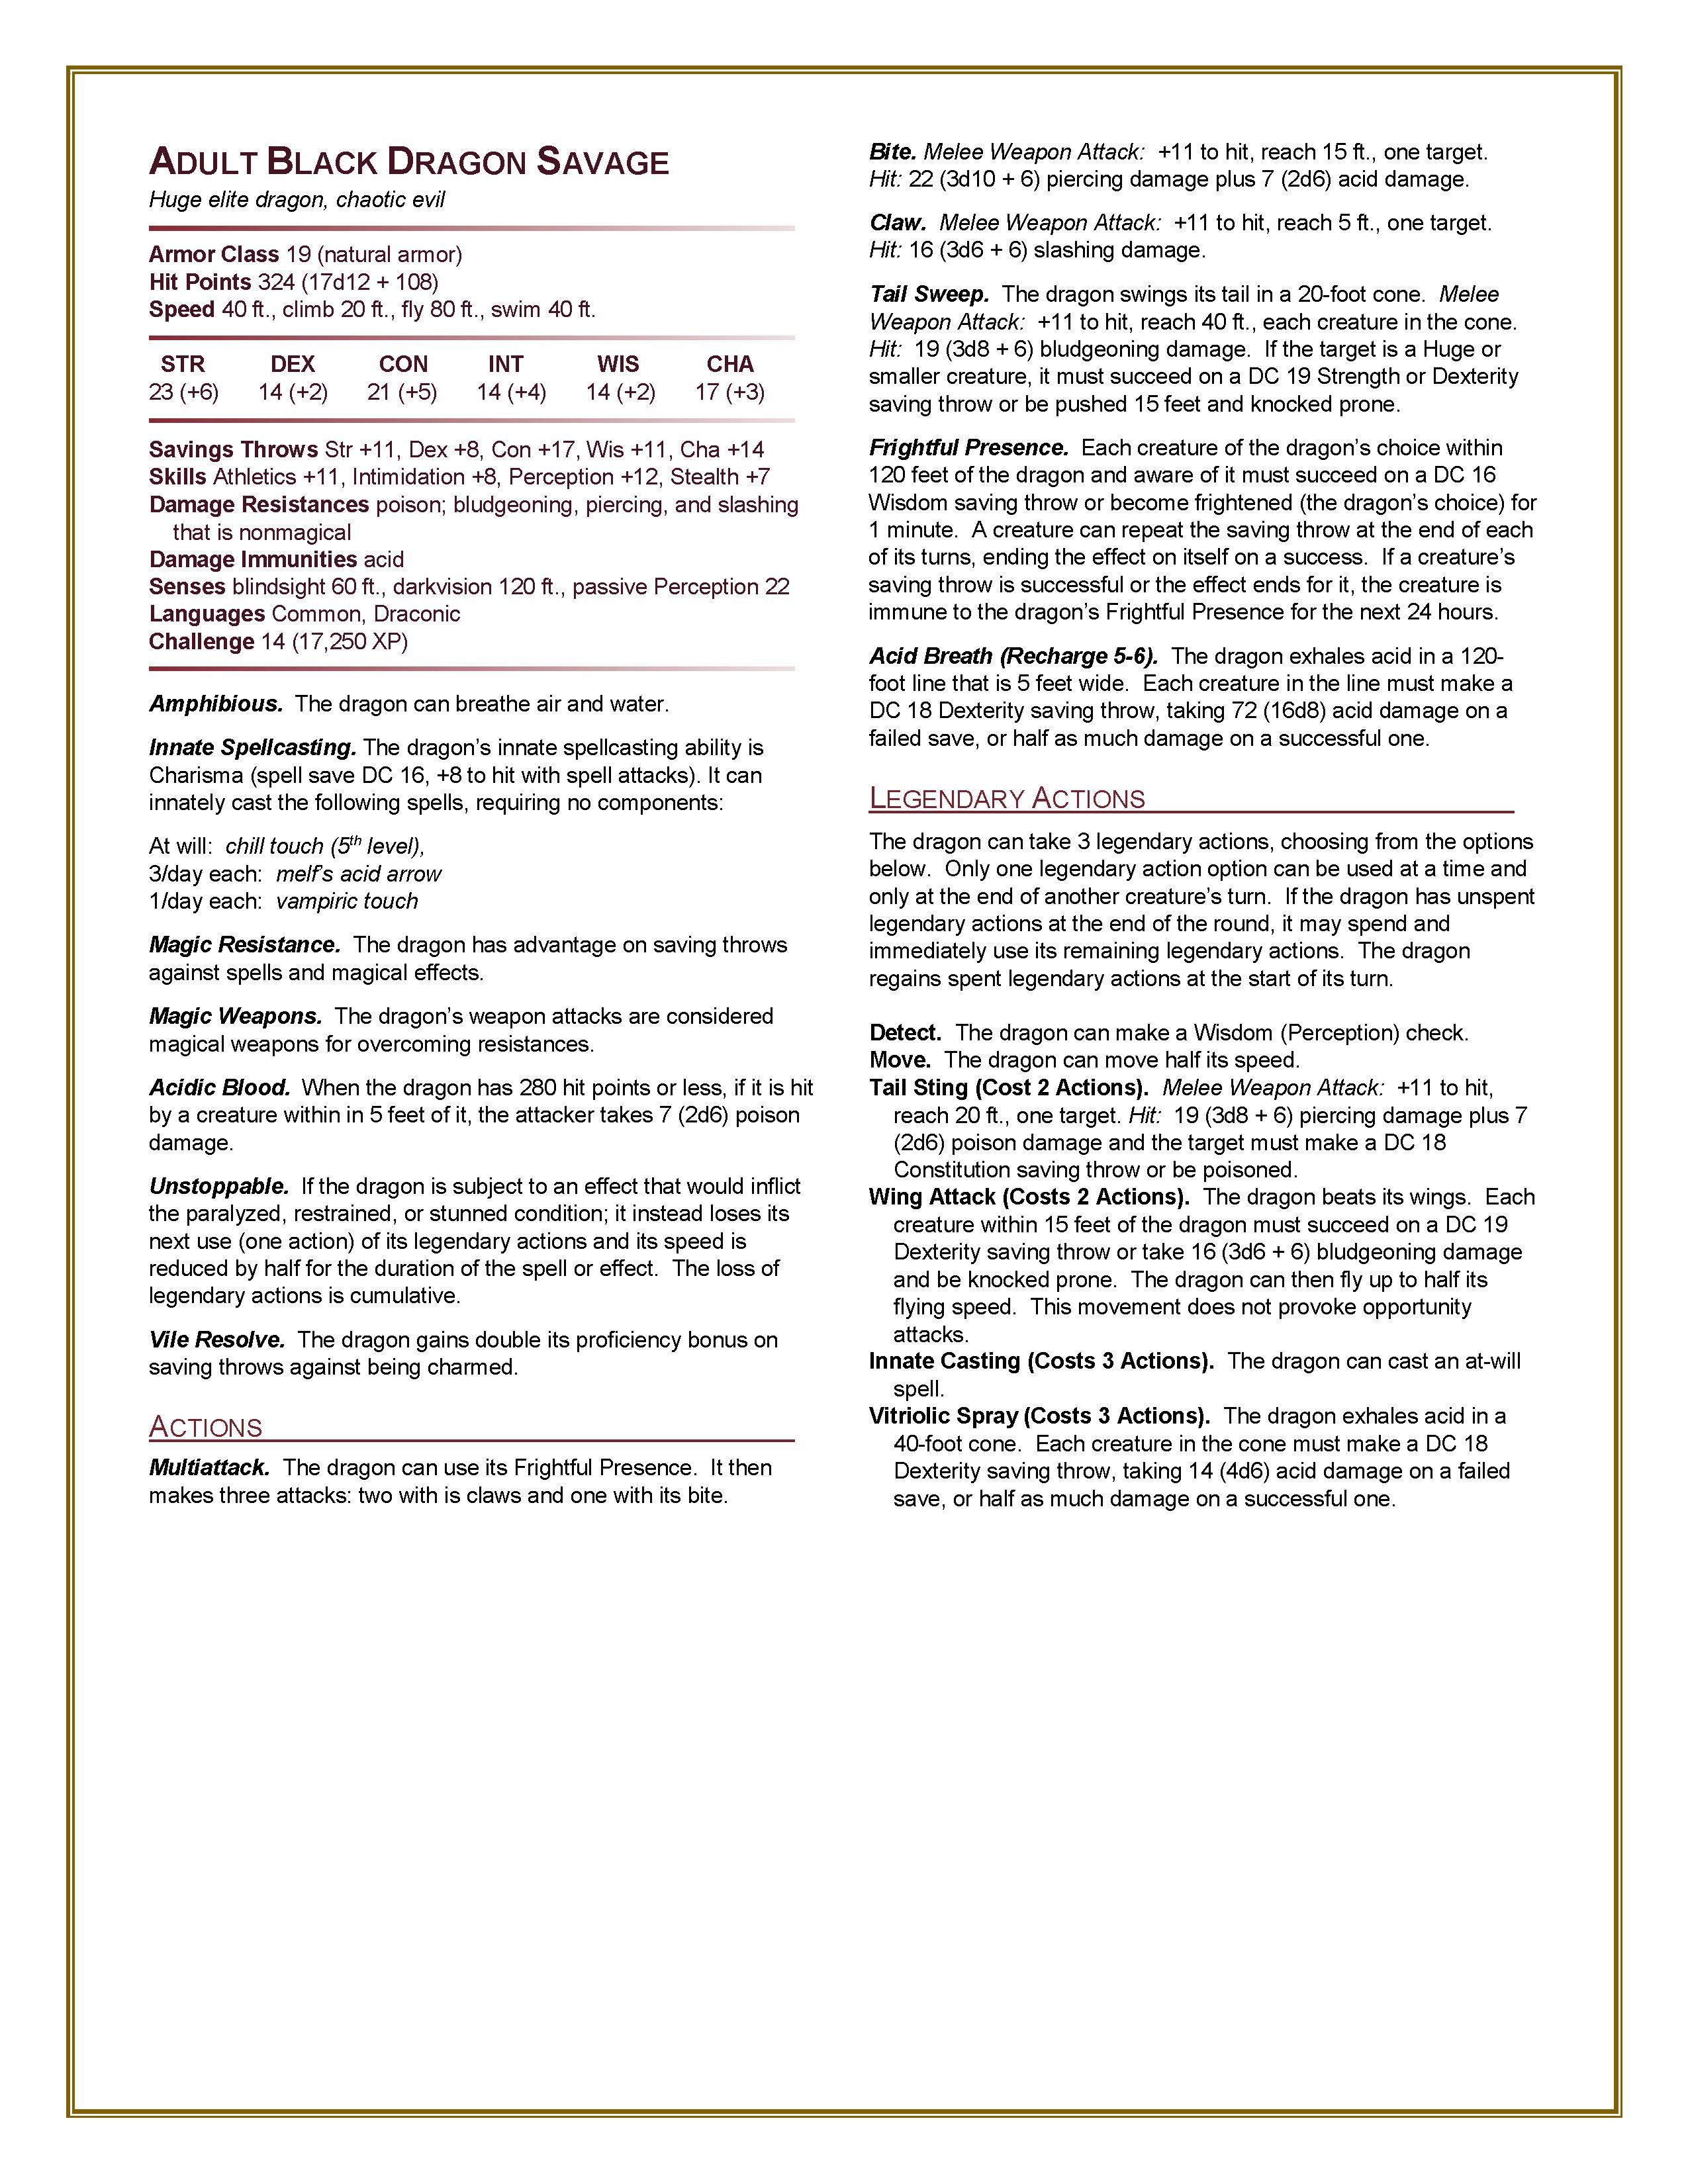 Homebrew 5e Hardcore: Monster Manual